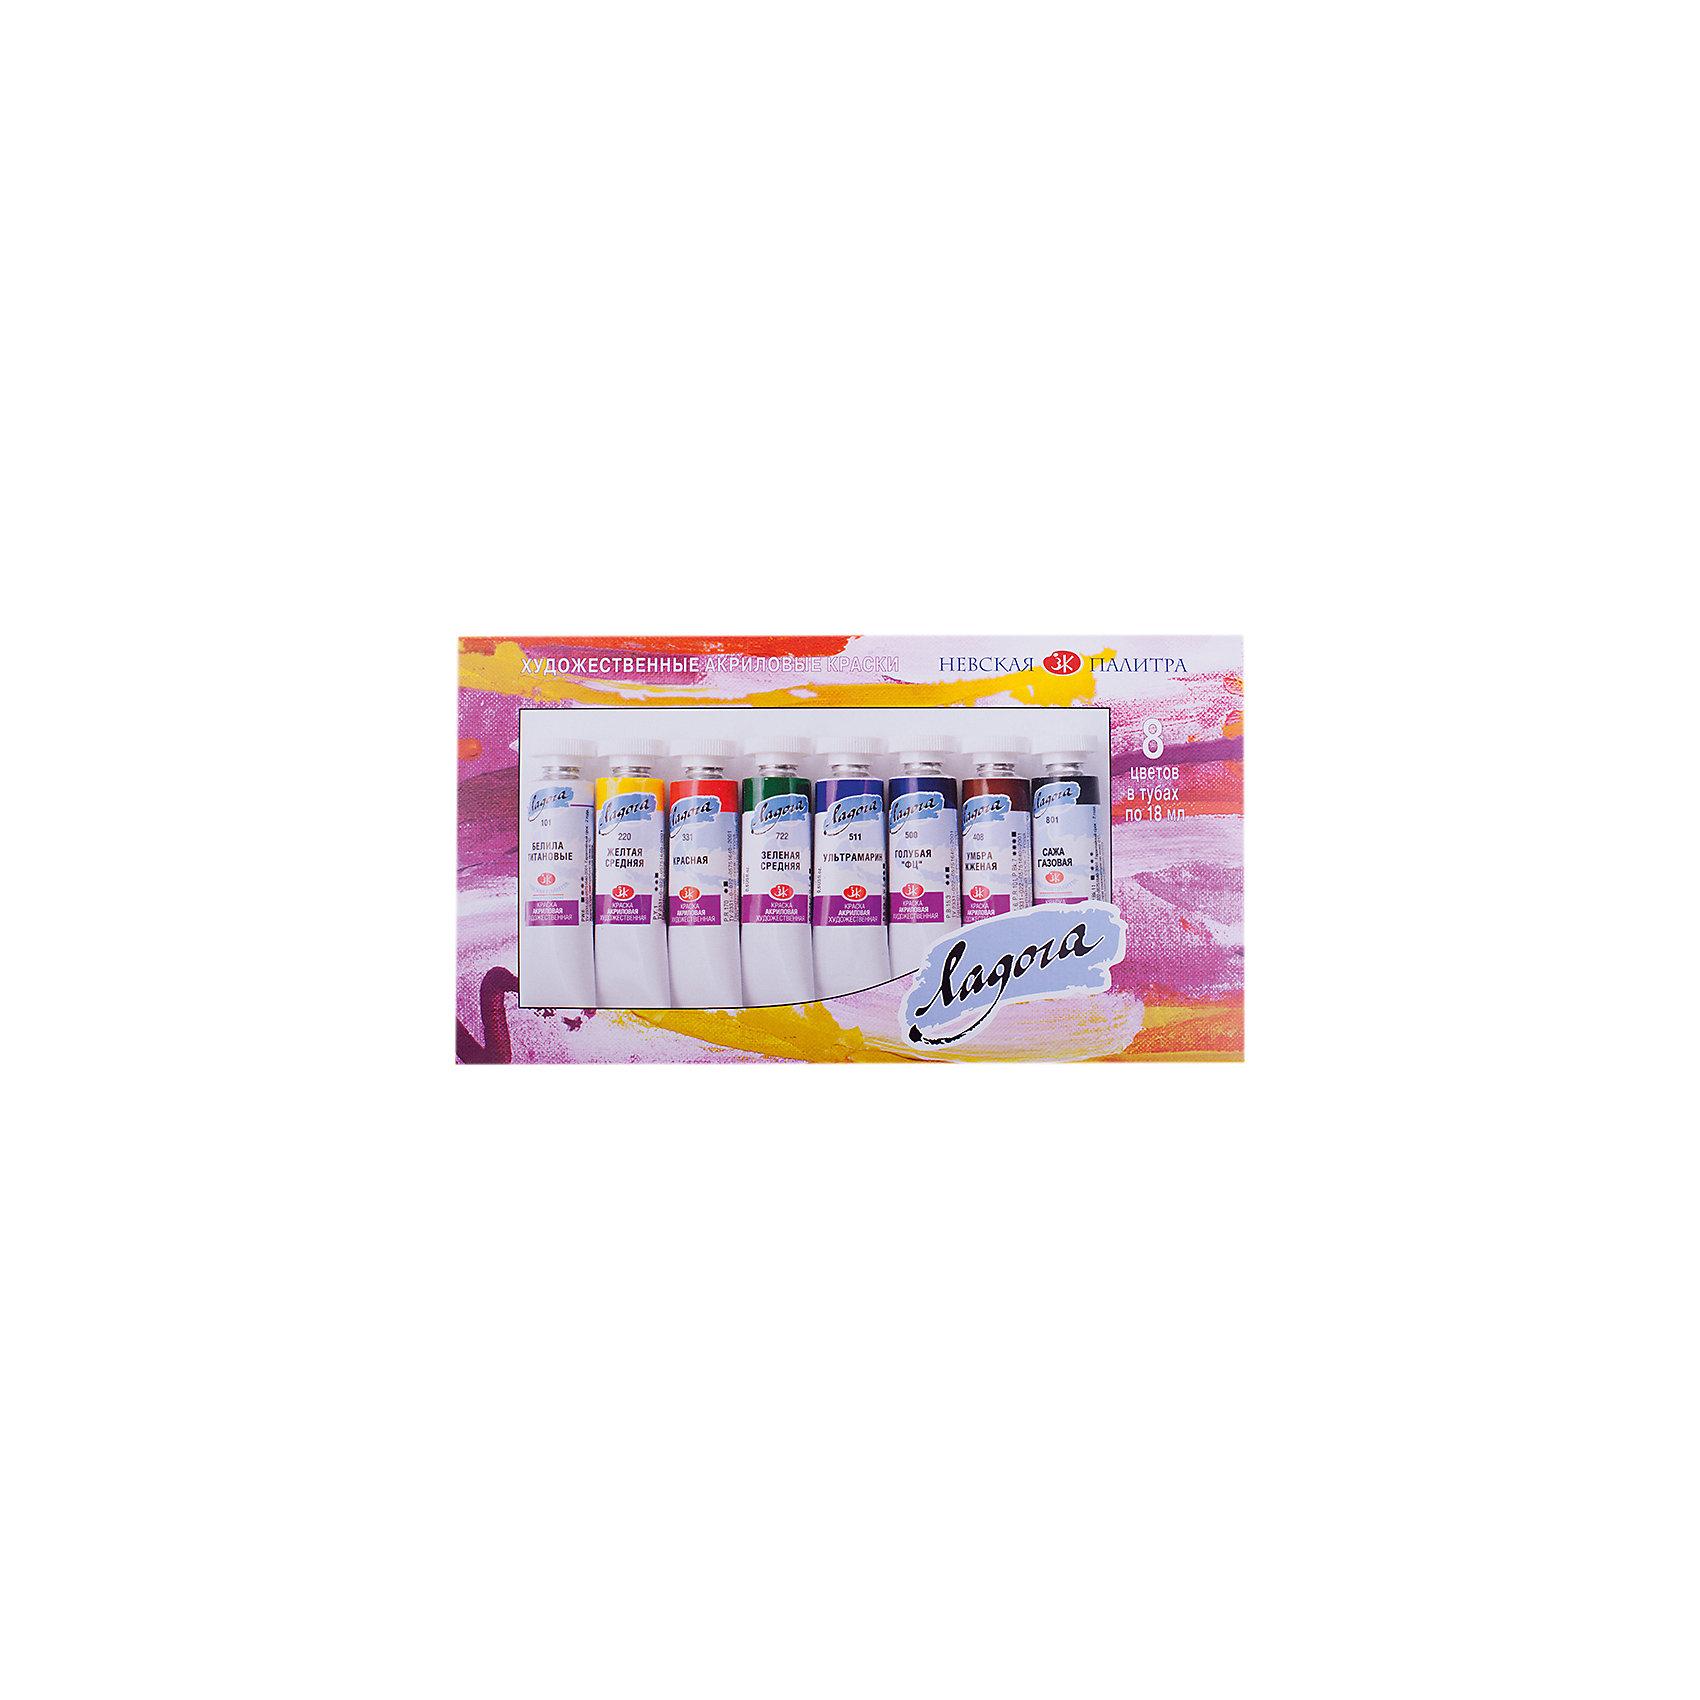 Краски акриловые 8цветов 18мл/туба ЛадогаХудожественные краски<br>Тип: акрил<br>Количество цветов: 8 <br>Емкость: туба<br>Объем общий: 144<br>Объем емкости: 18<br>Упаковка ед. товара: картонная коробка<br>Наличие европодвеса: нет<br>Художественные акриловые краски серии «ЛАДОГА» предназначены для художественных, декоративных и дизайнерских работ. Благодаря легкости в работе, универсальности применения, прекрасной адгезии краски используются при работе почти на любой поверхности (на бумаге, картоне, грунтованном холсте, дереве, металле, коже, цементе). При высыхании образуют эластичную несмываемую пленку<br><br>Ширина мм: 190<br>Глубина мм: 105<br>Высота мм: 25<br>Вес г: 255<br>Возраст от месяцев: 84<br>Возраст до месяцев: 2147483647<br>Пол: Унисекс<br>Возраст: Детский<br>SKU: 7044220